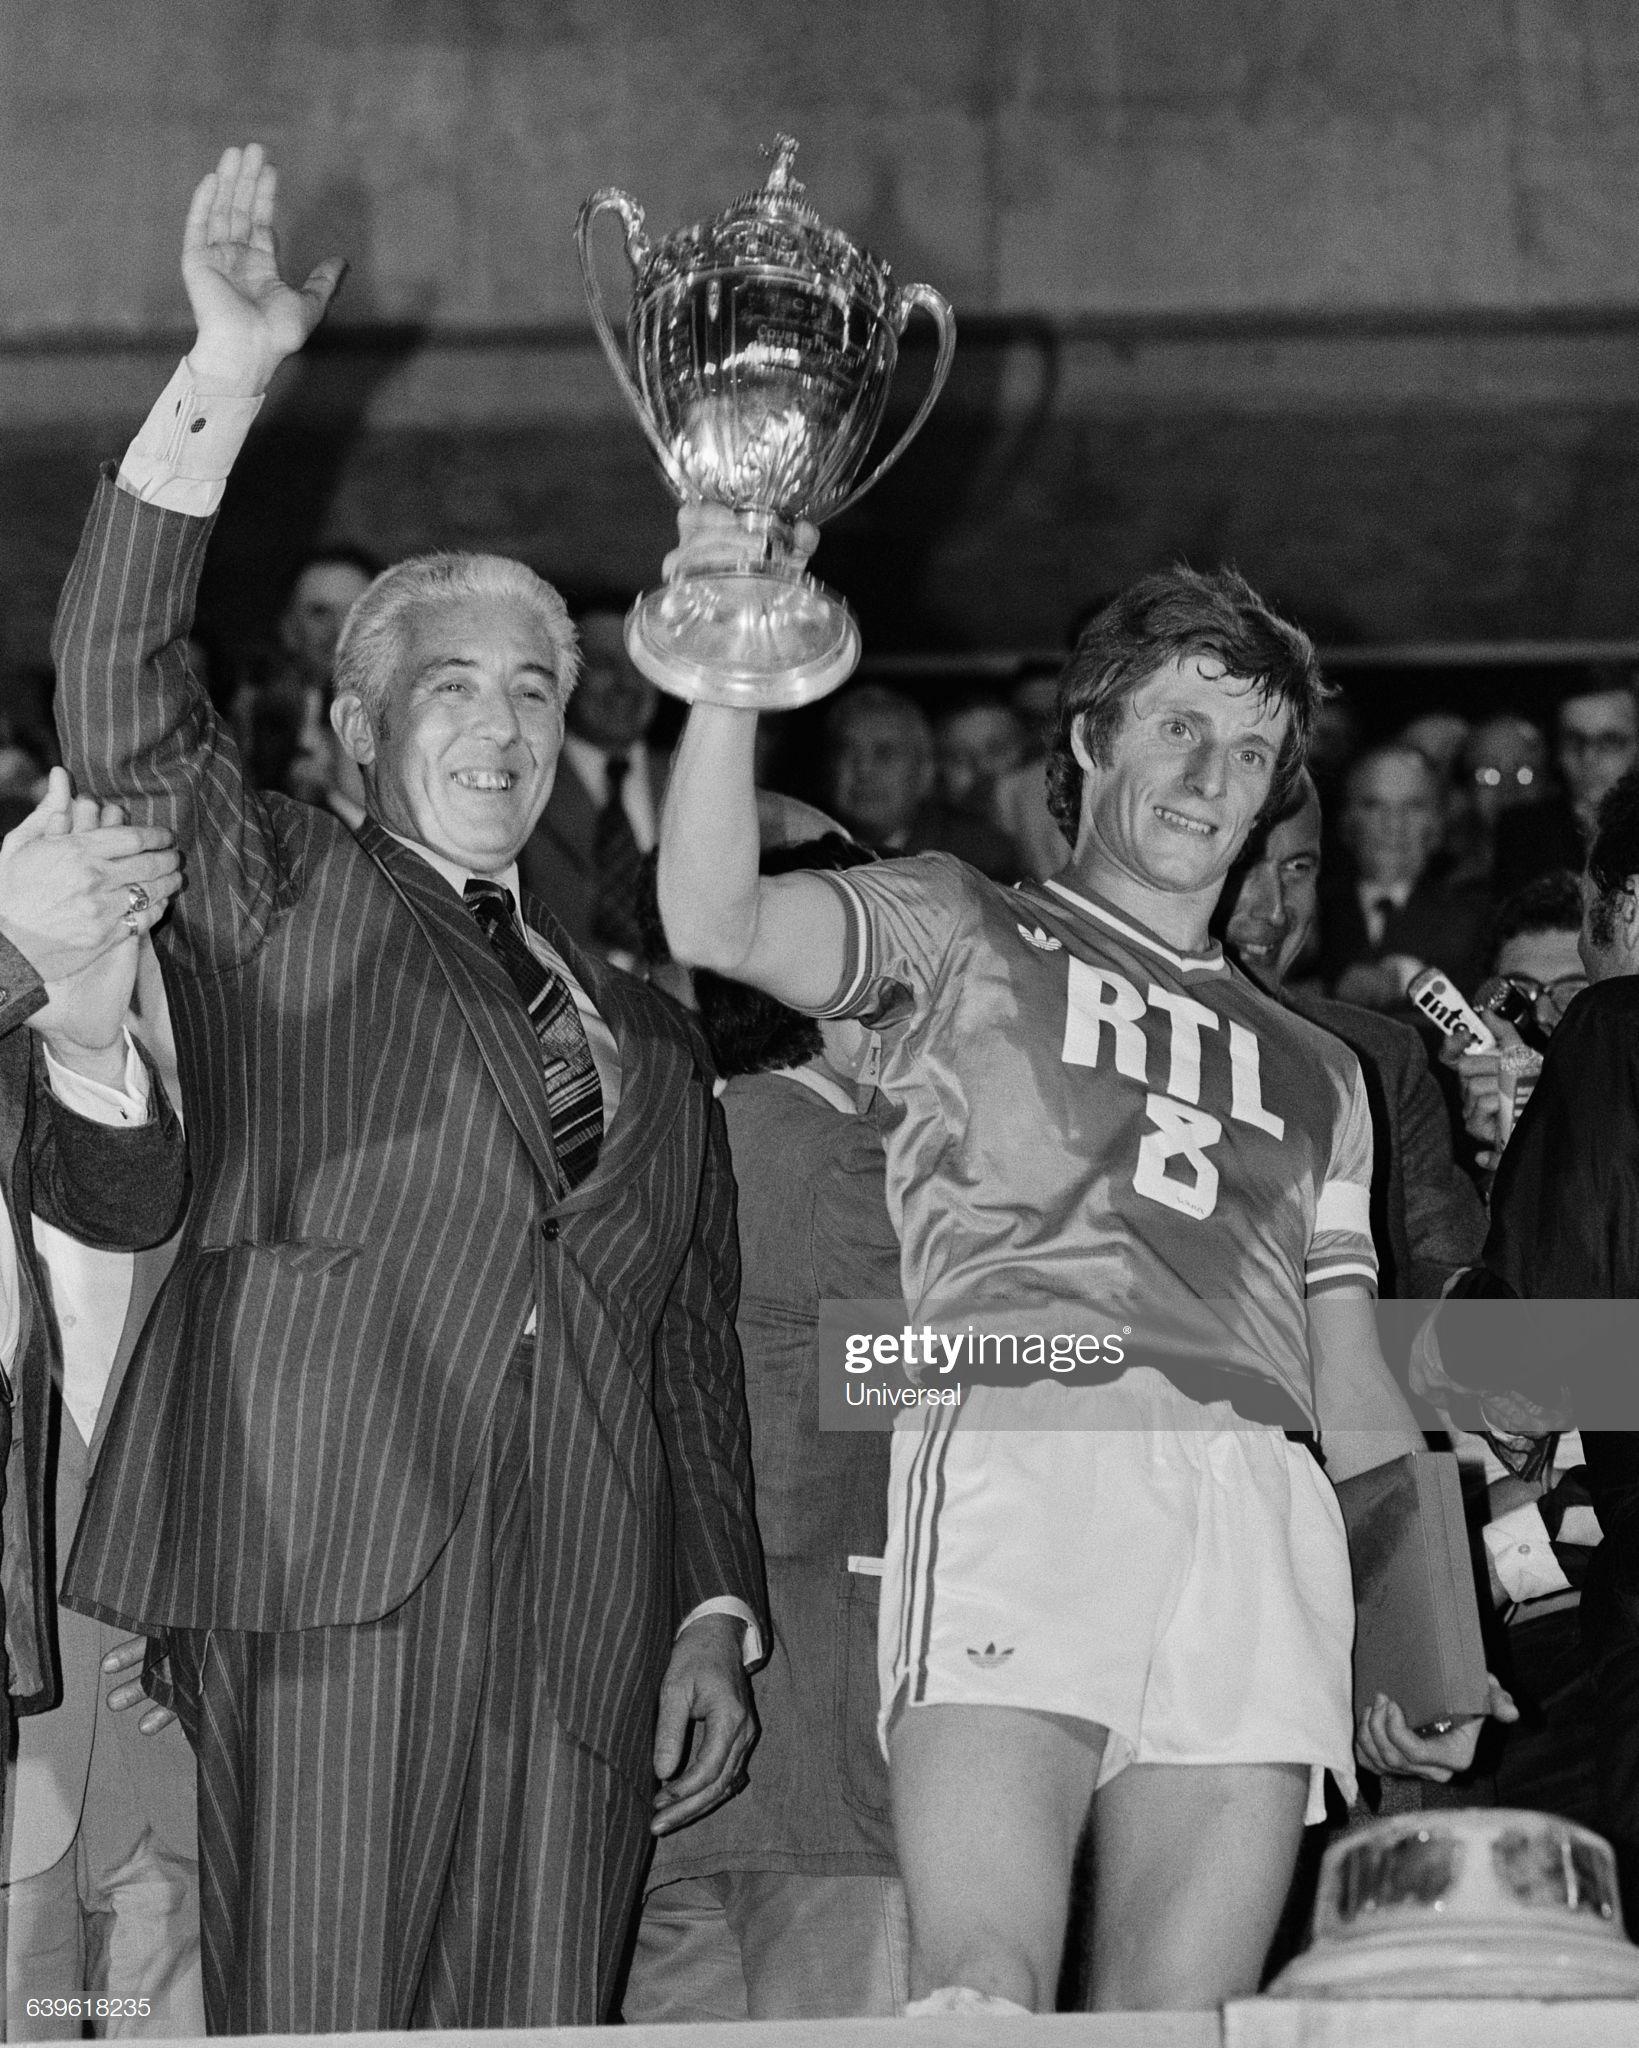 Jean Michel Larqué et Roger Rocher victoire en coupe face